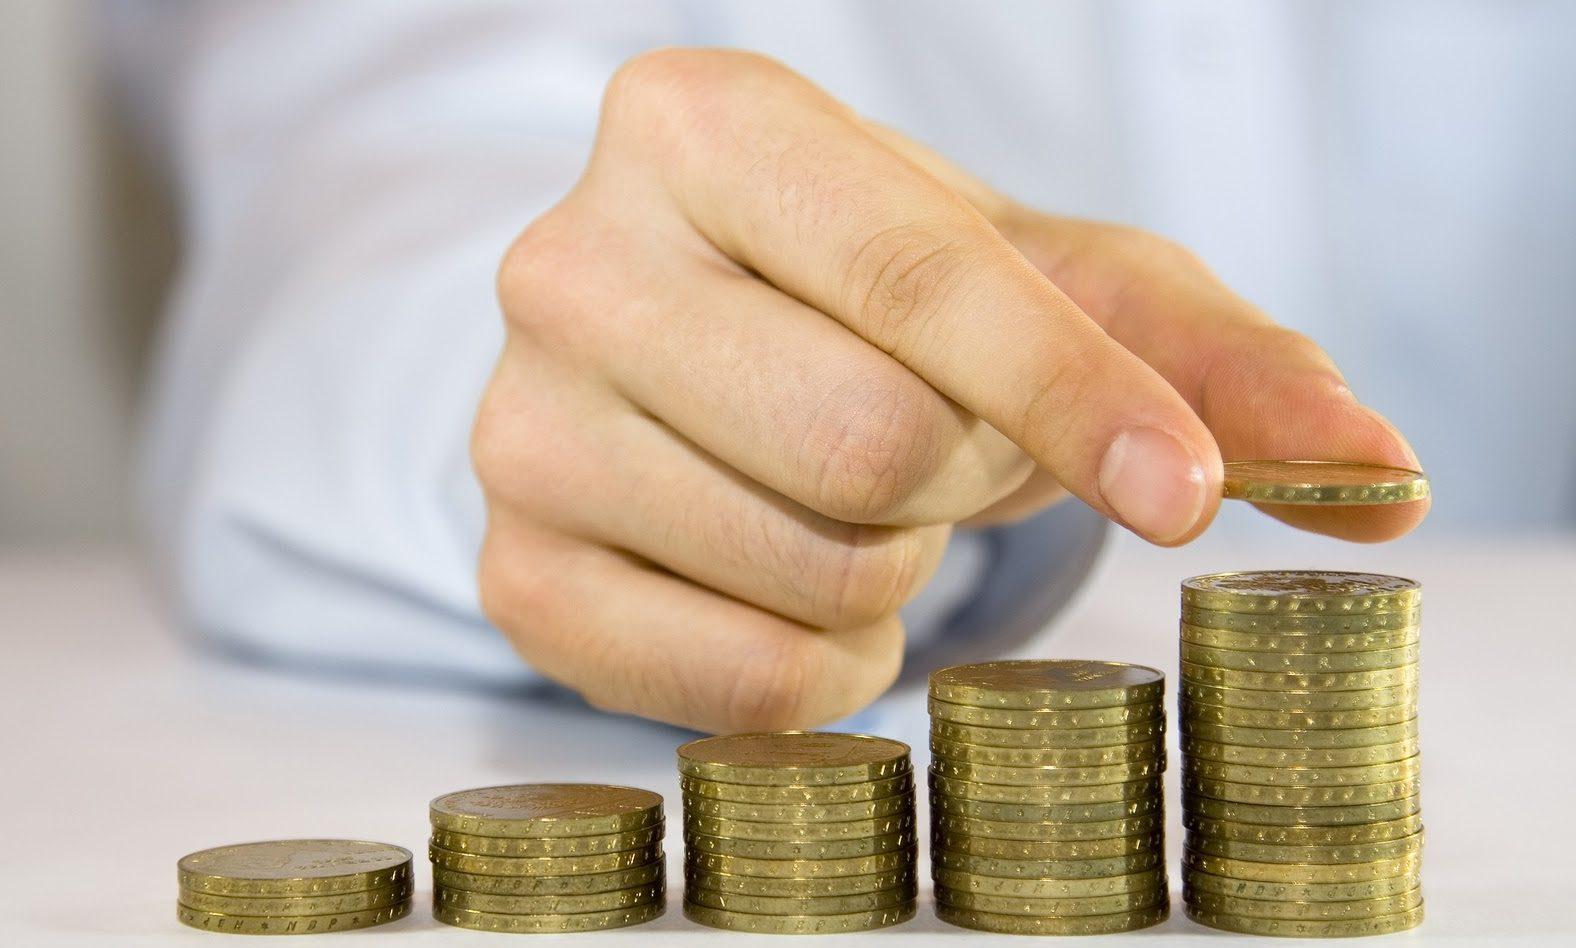 Így kereshetsz pénzt a testeddel: munka nélkül, legálisan - Pénzcentrum